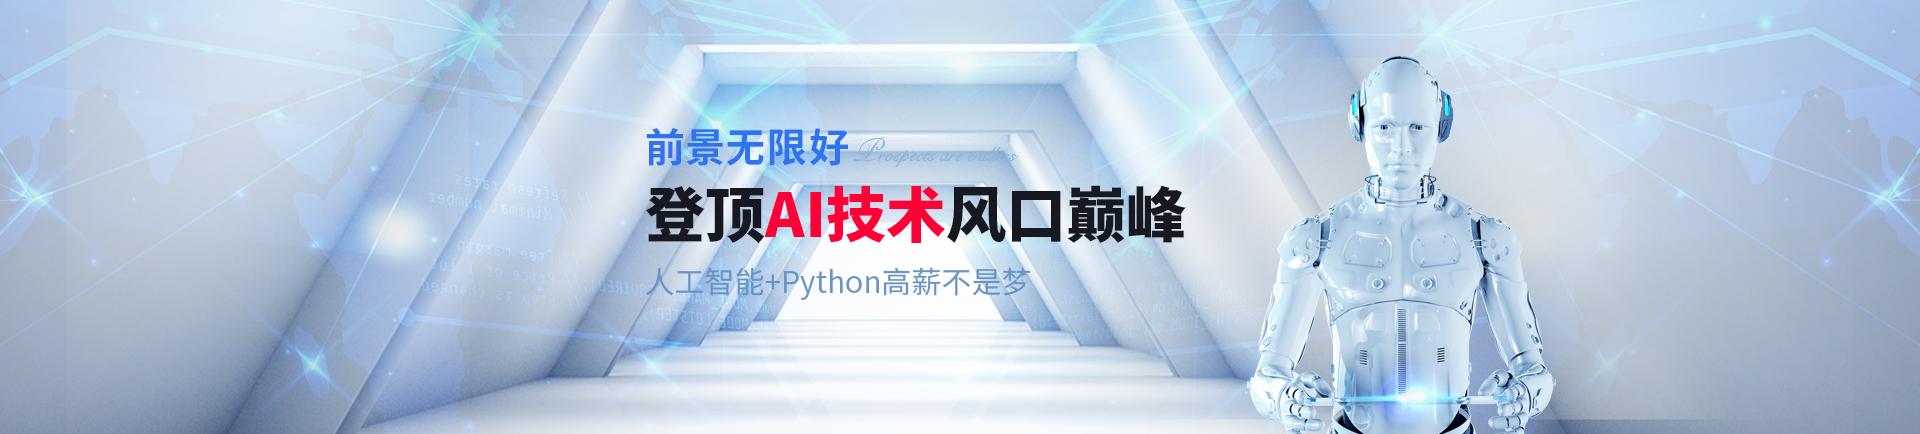 登顶AI技术风�巅峰 人工智能+Python高薪�是梦-guangzhou